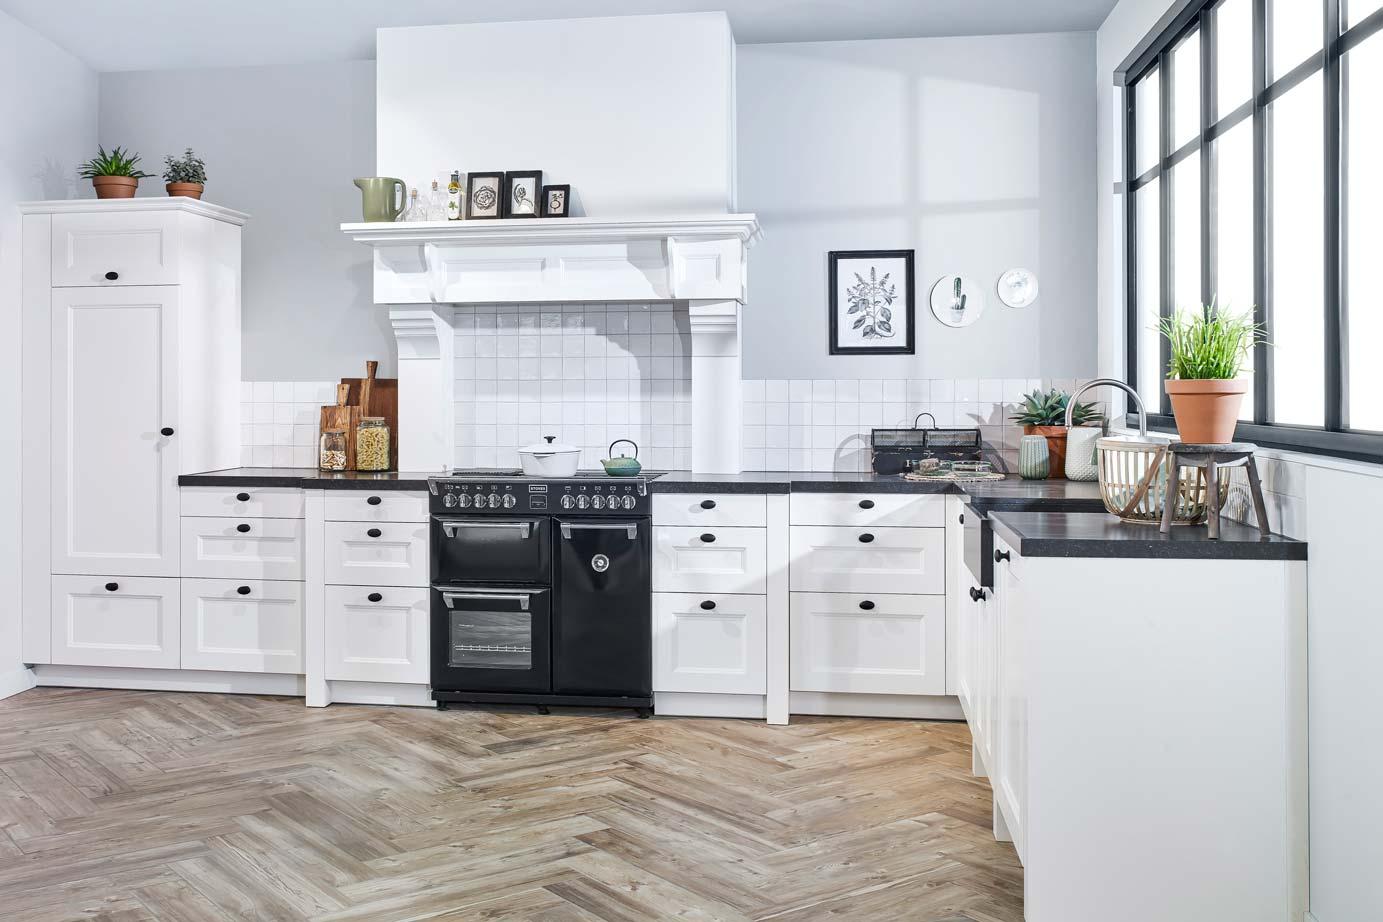 Hoek Keukens Showroom : Hoekkeuken kopen krijg inspiratie door voorbeelden db keukens